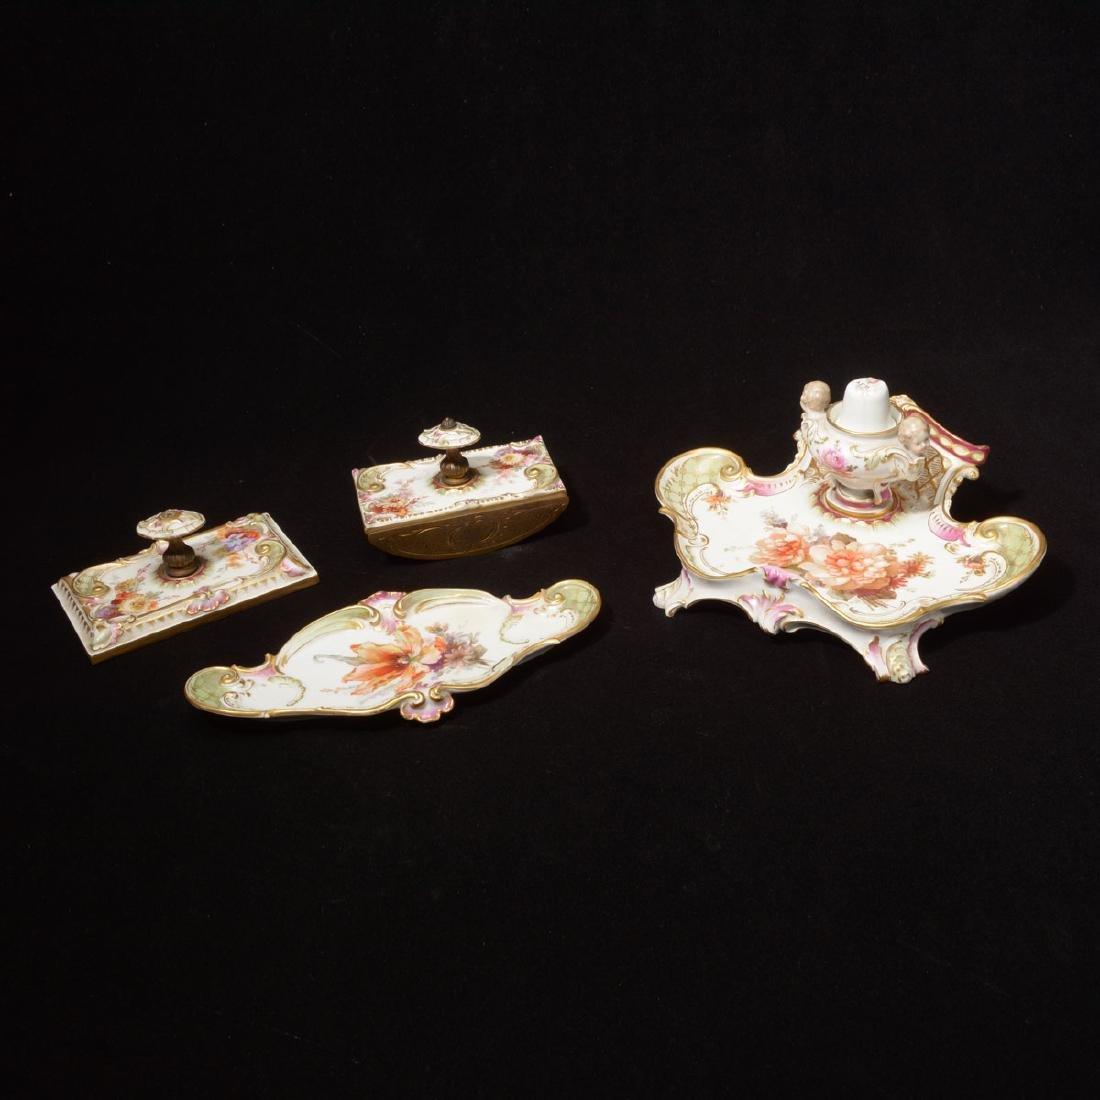 KPM Porcelain Desk Set, Comprising Two Blotters, Ink